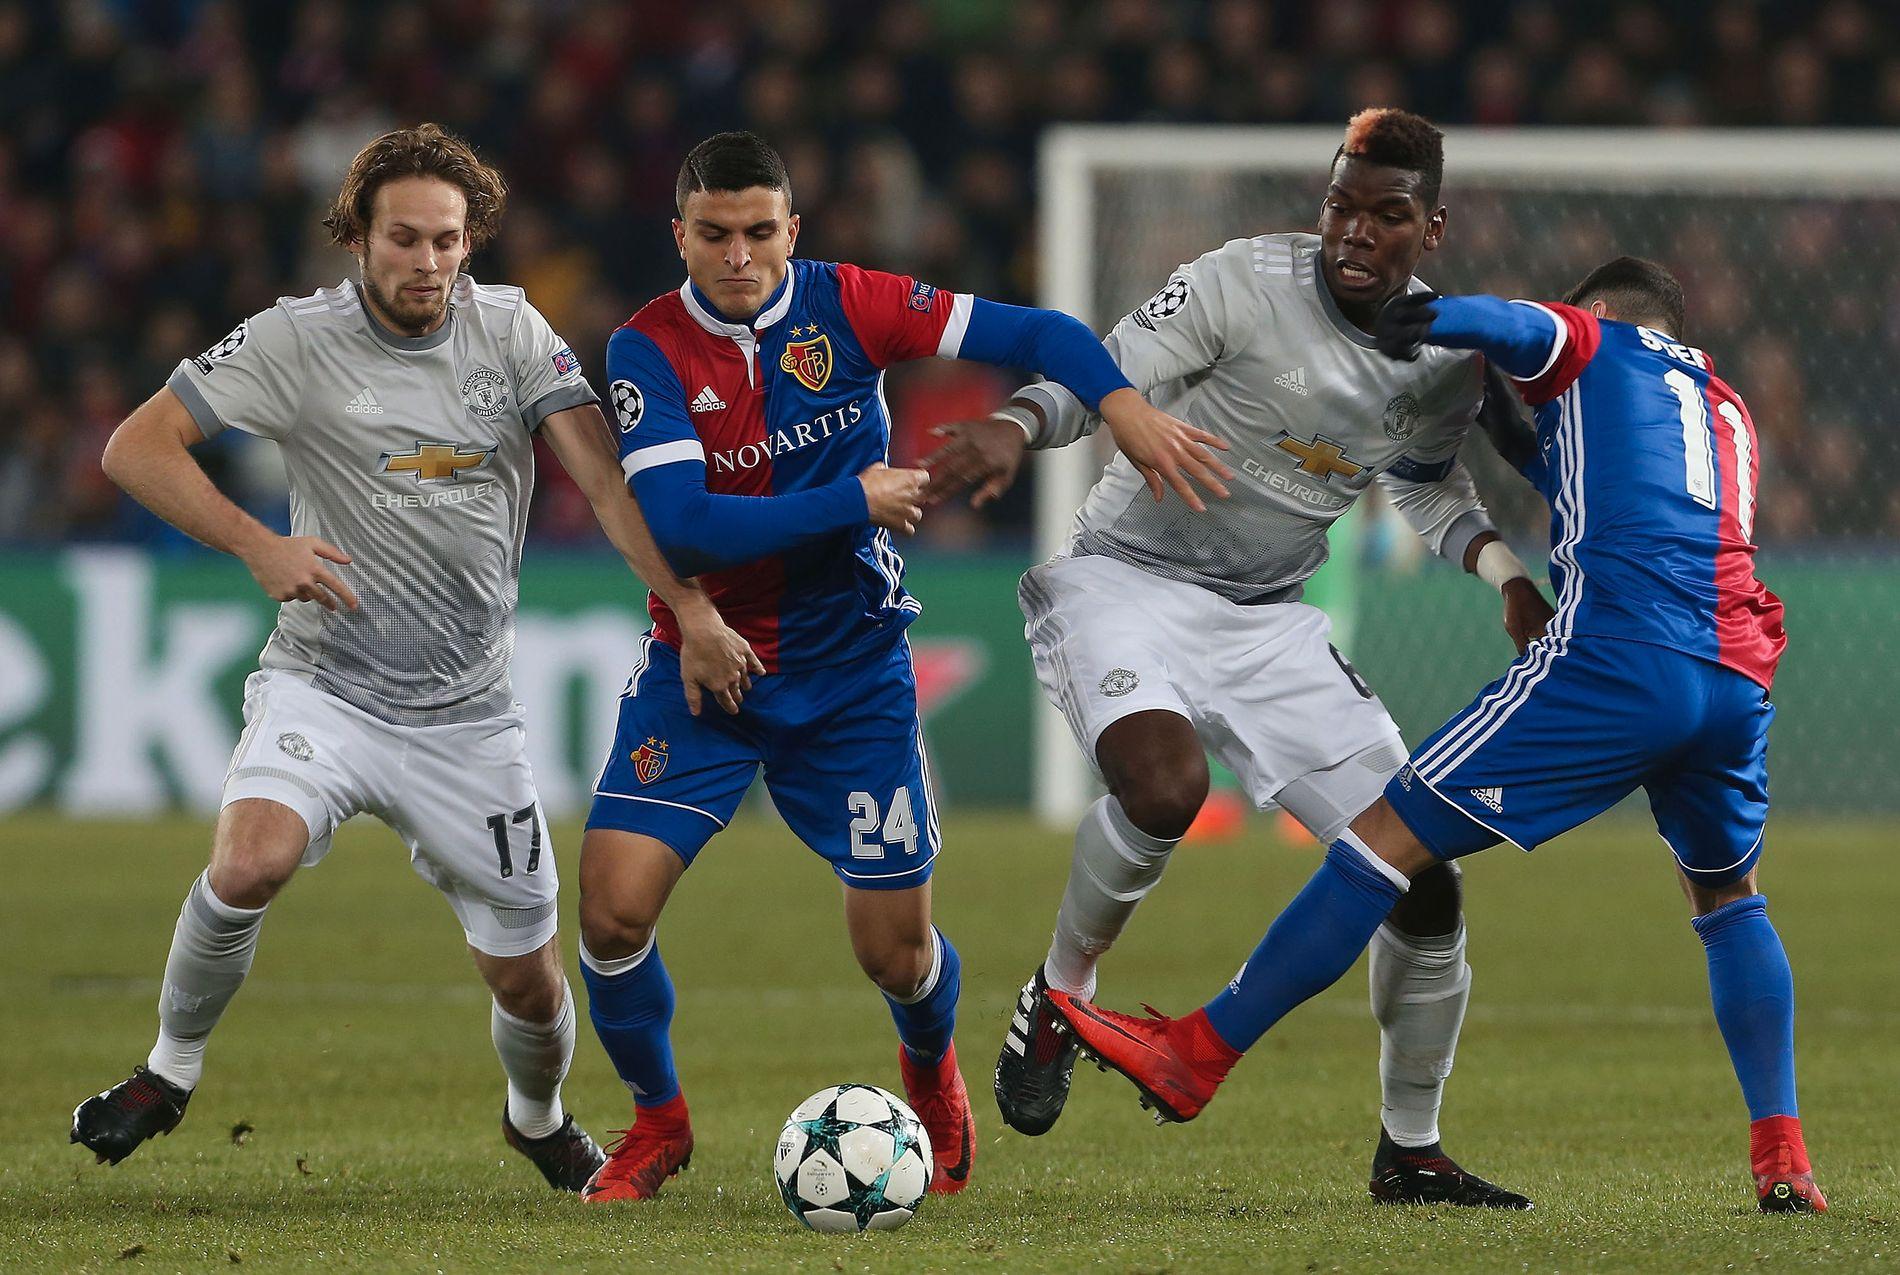 SNART I SAMME LIGA? Mohamed Elyounoussi har imponert i Champions League denne sesongen, blant annet mot Manchester Uniteds Daley Blind (t.v.) og Paul Pogba.